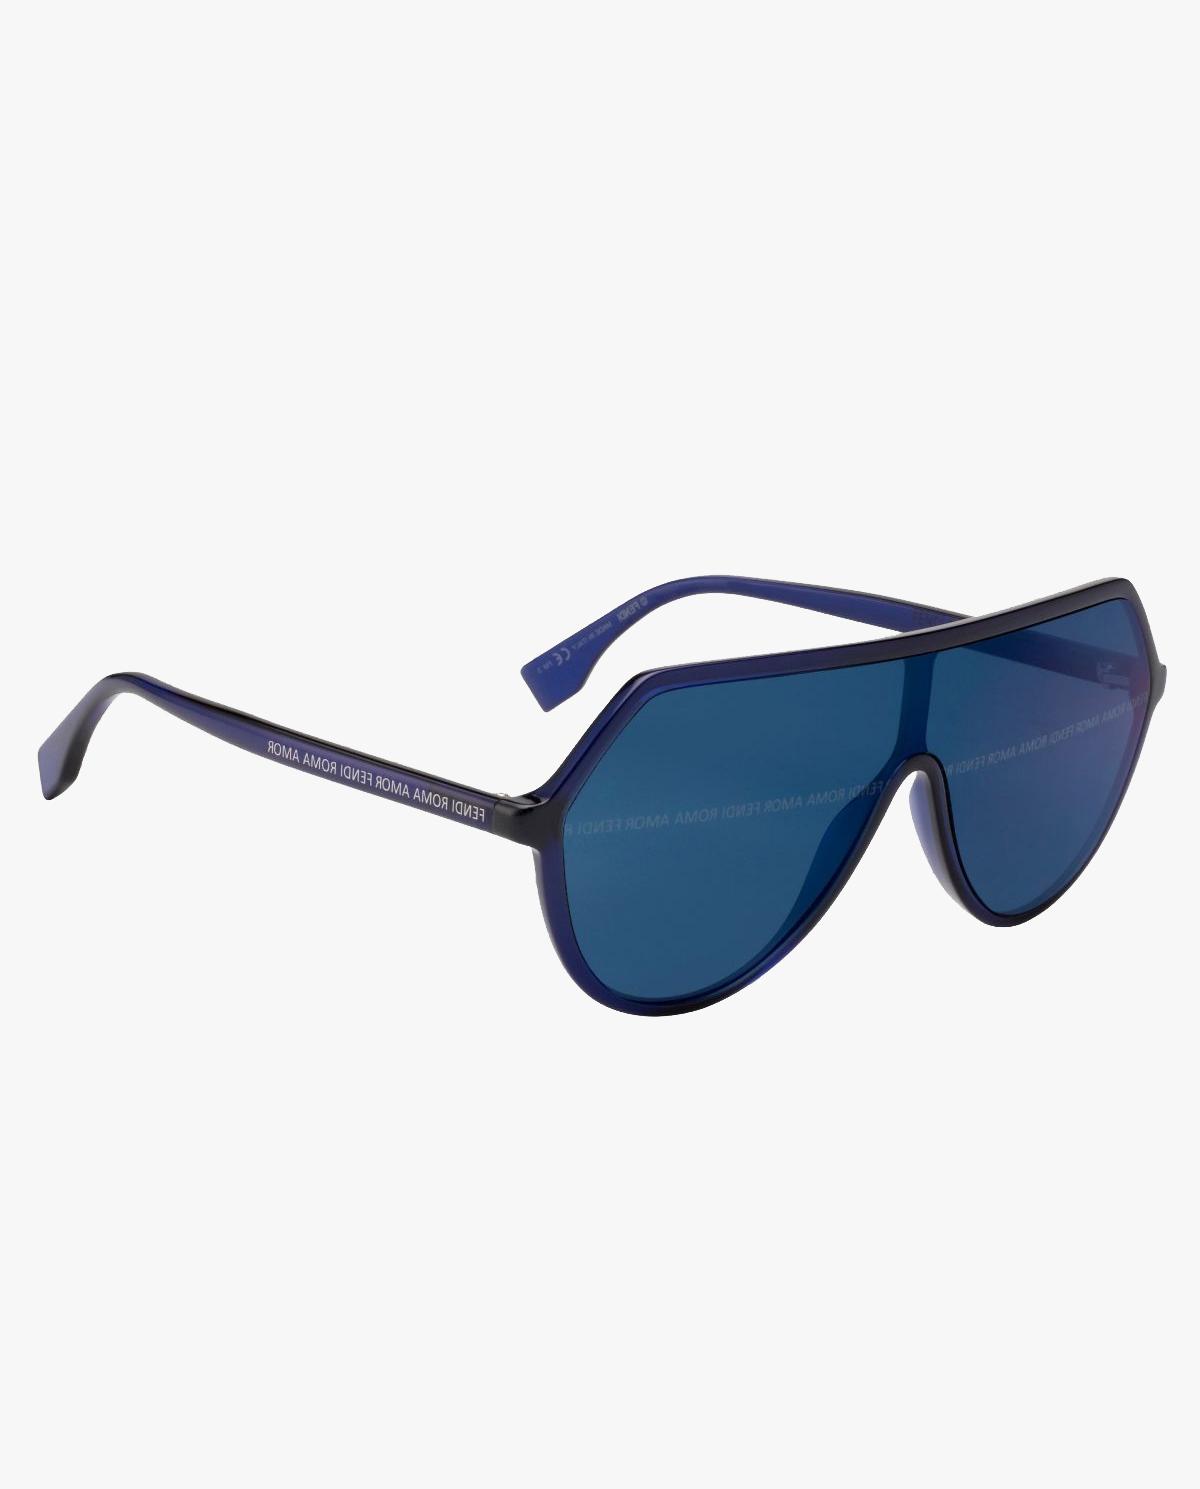 Okulary przeciwsłoneczne Fendi FF/S 0377 KB7 99-8N